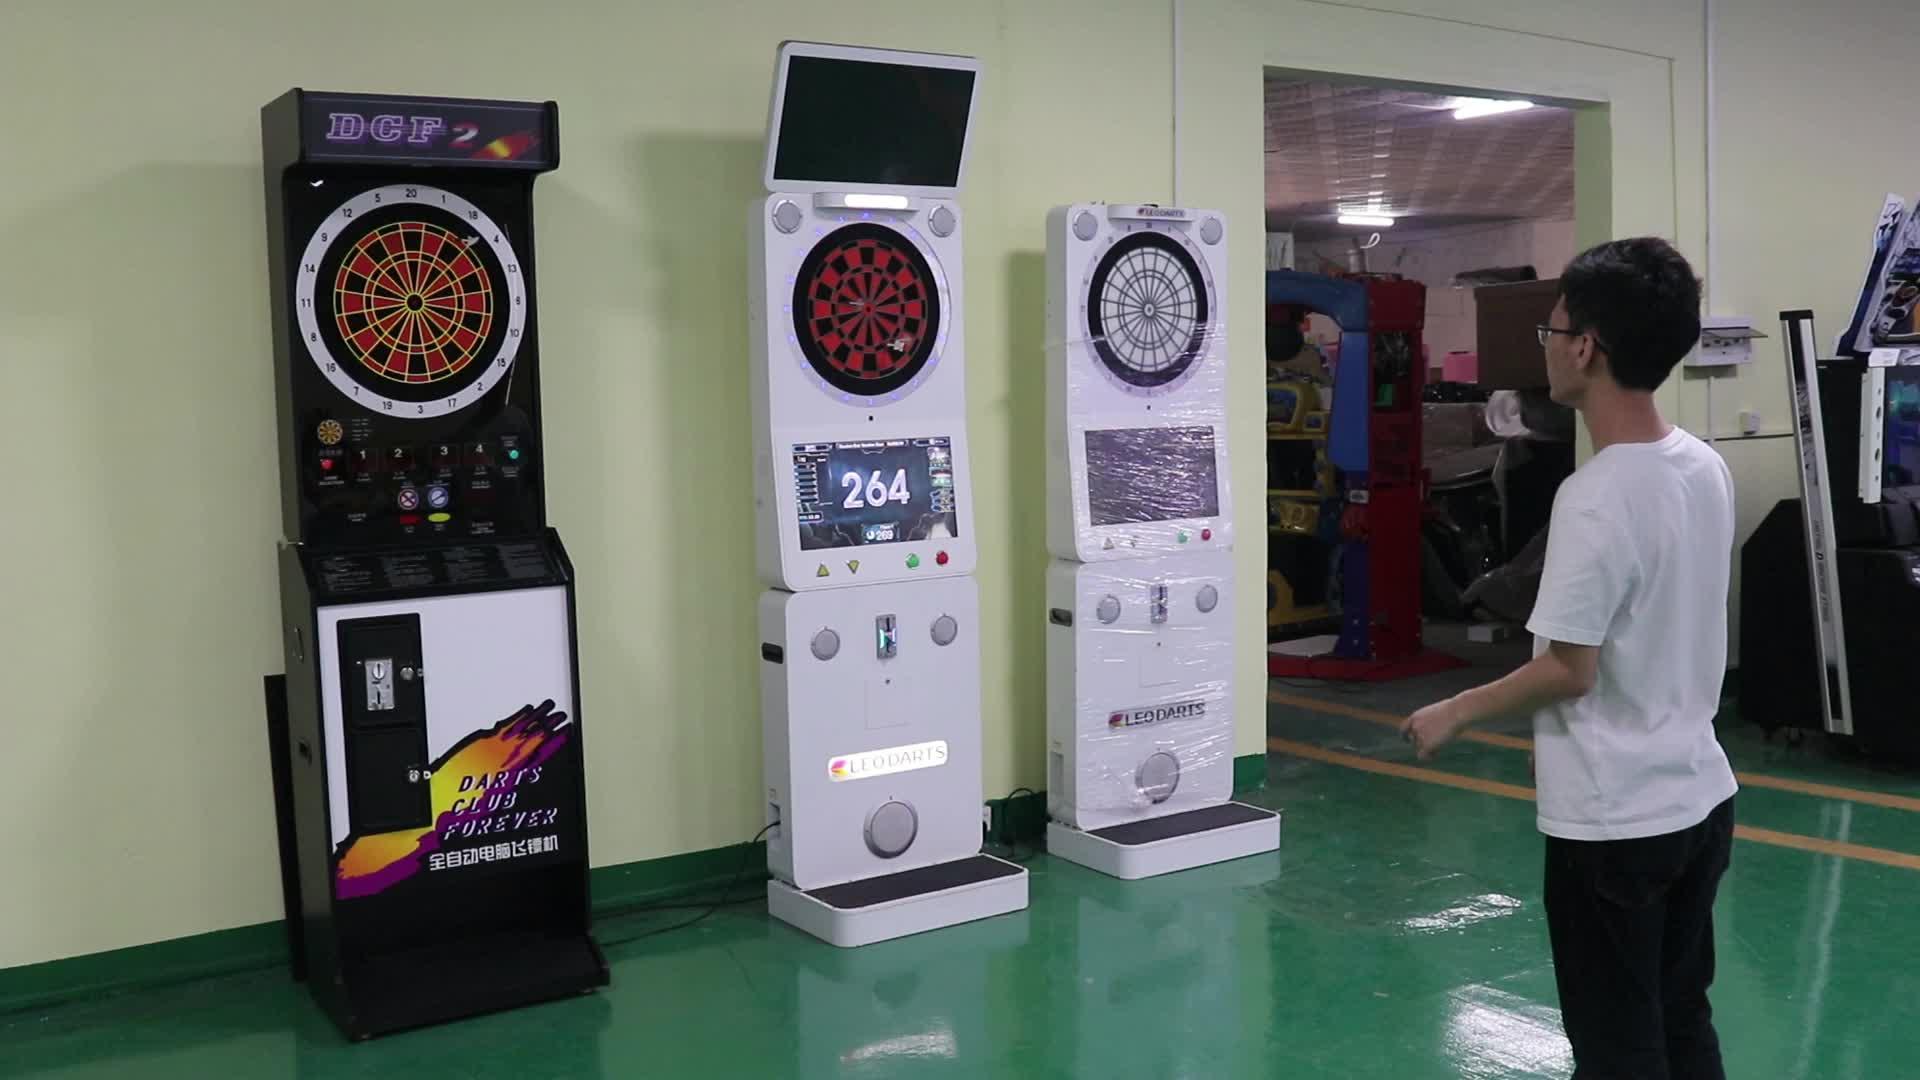 מכירה לוהטת מקורה ספורט דארט מועדון מטבע מופעל אלקטרוני חצים לוח וידאו משחק מכונת